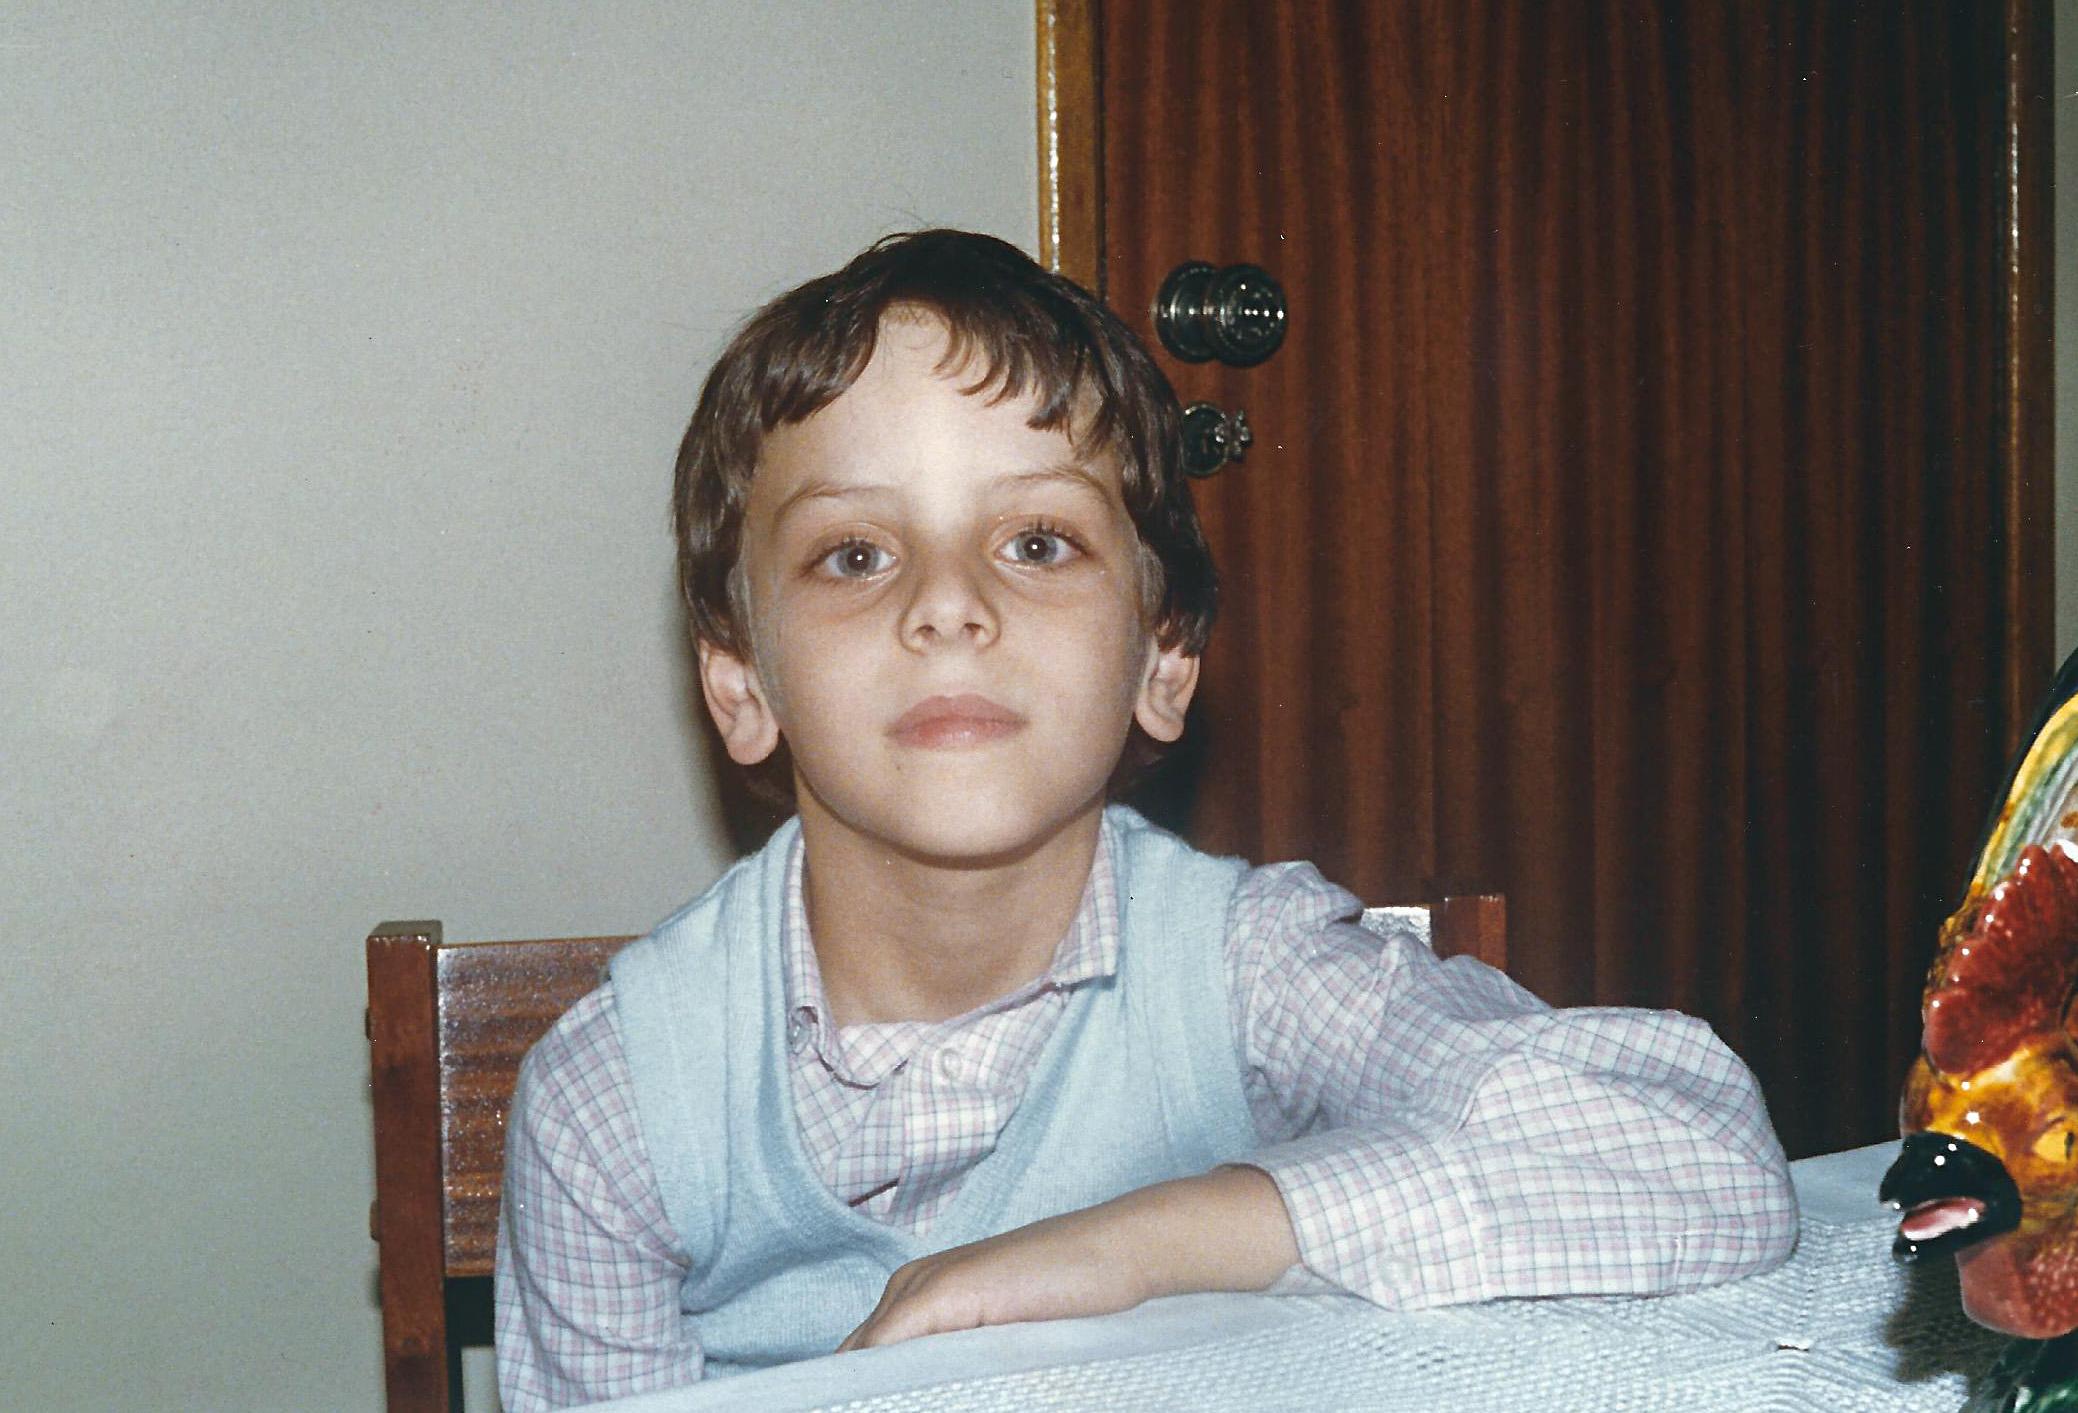 Pedro Silva-Santos com 6 anos